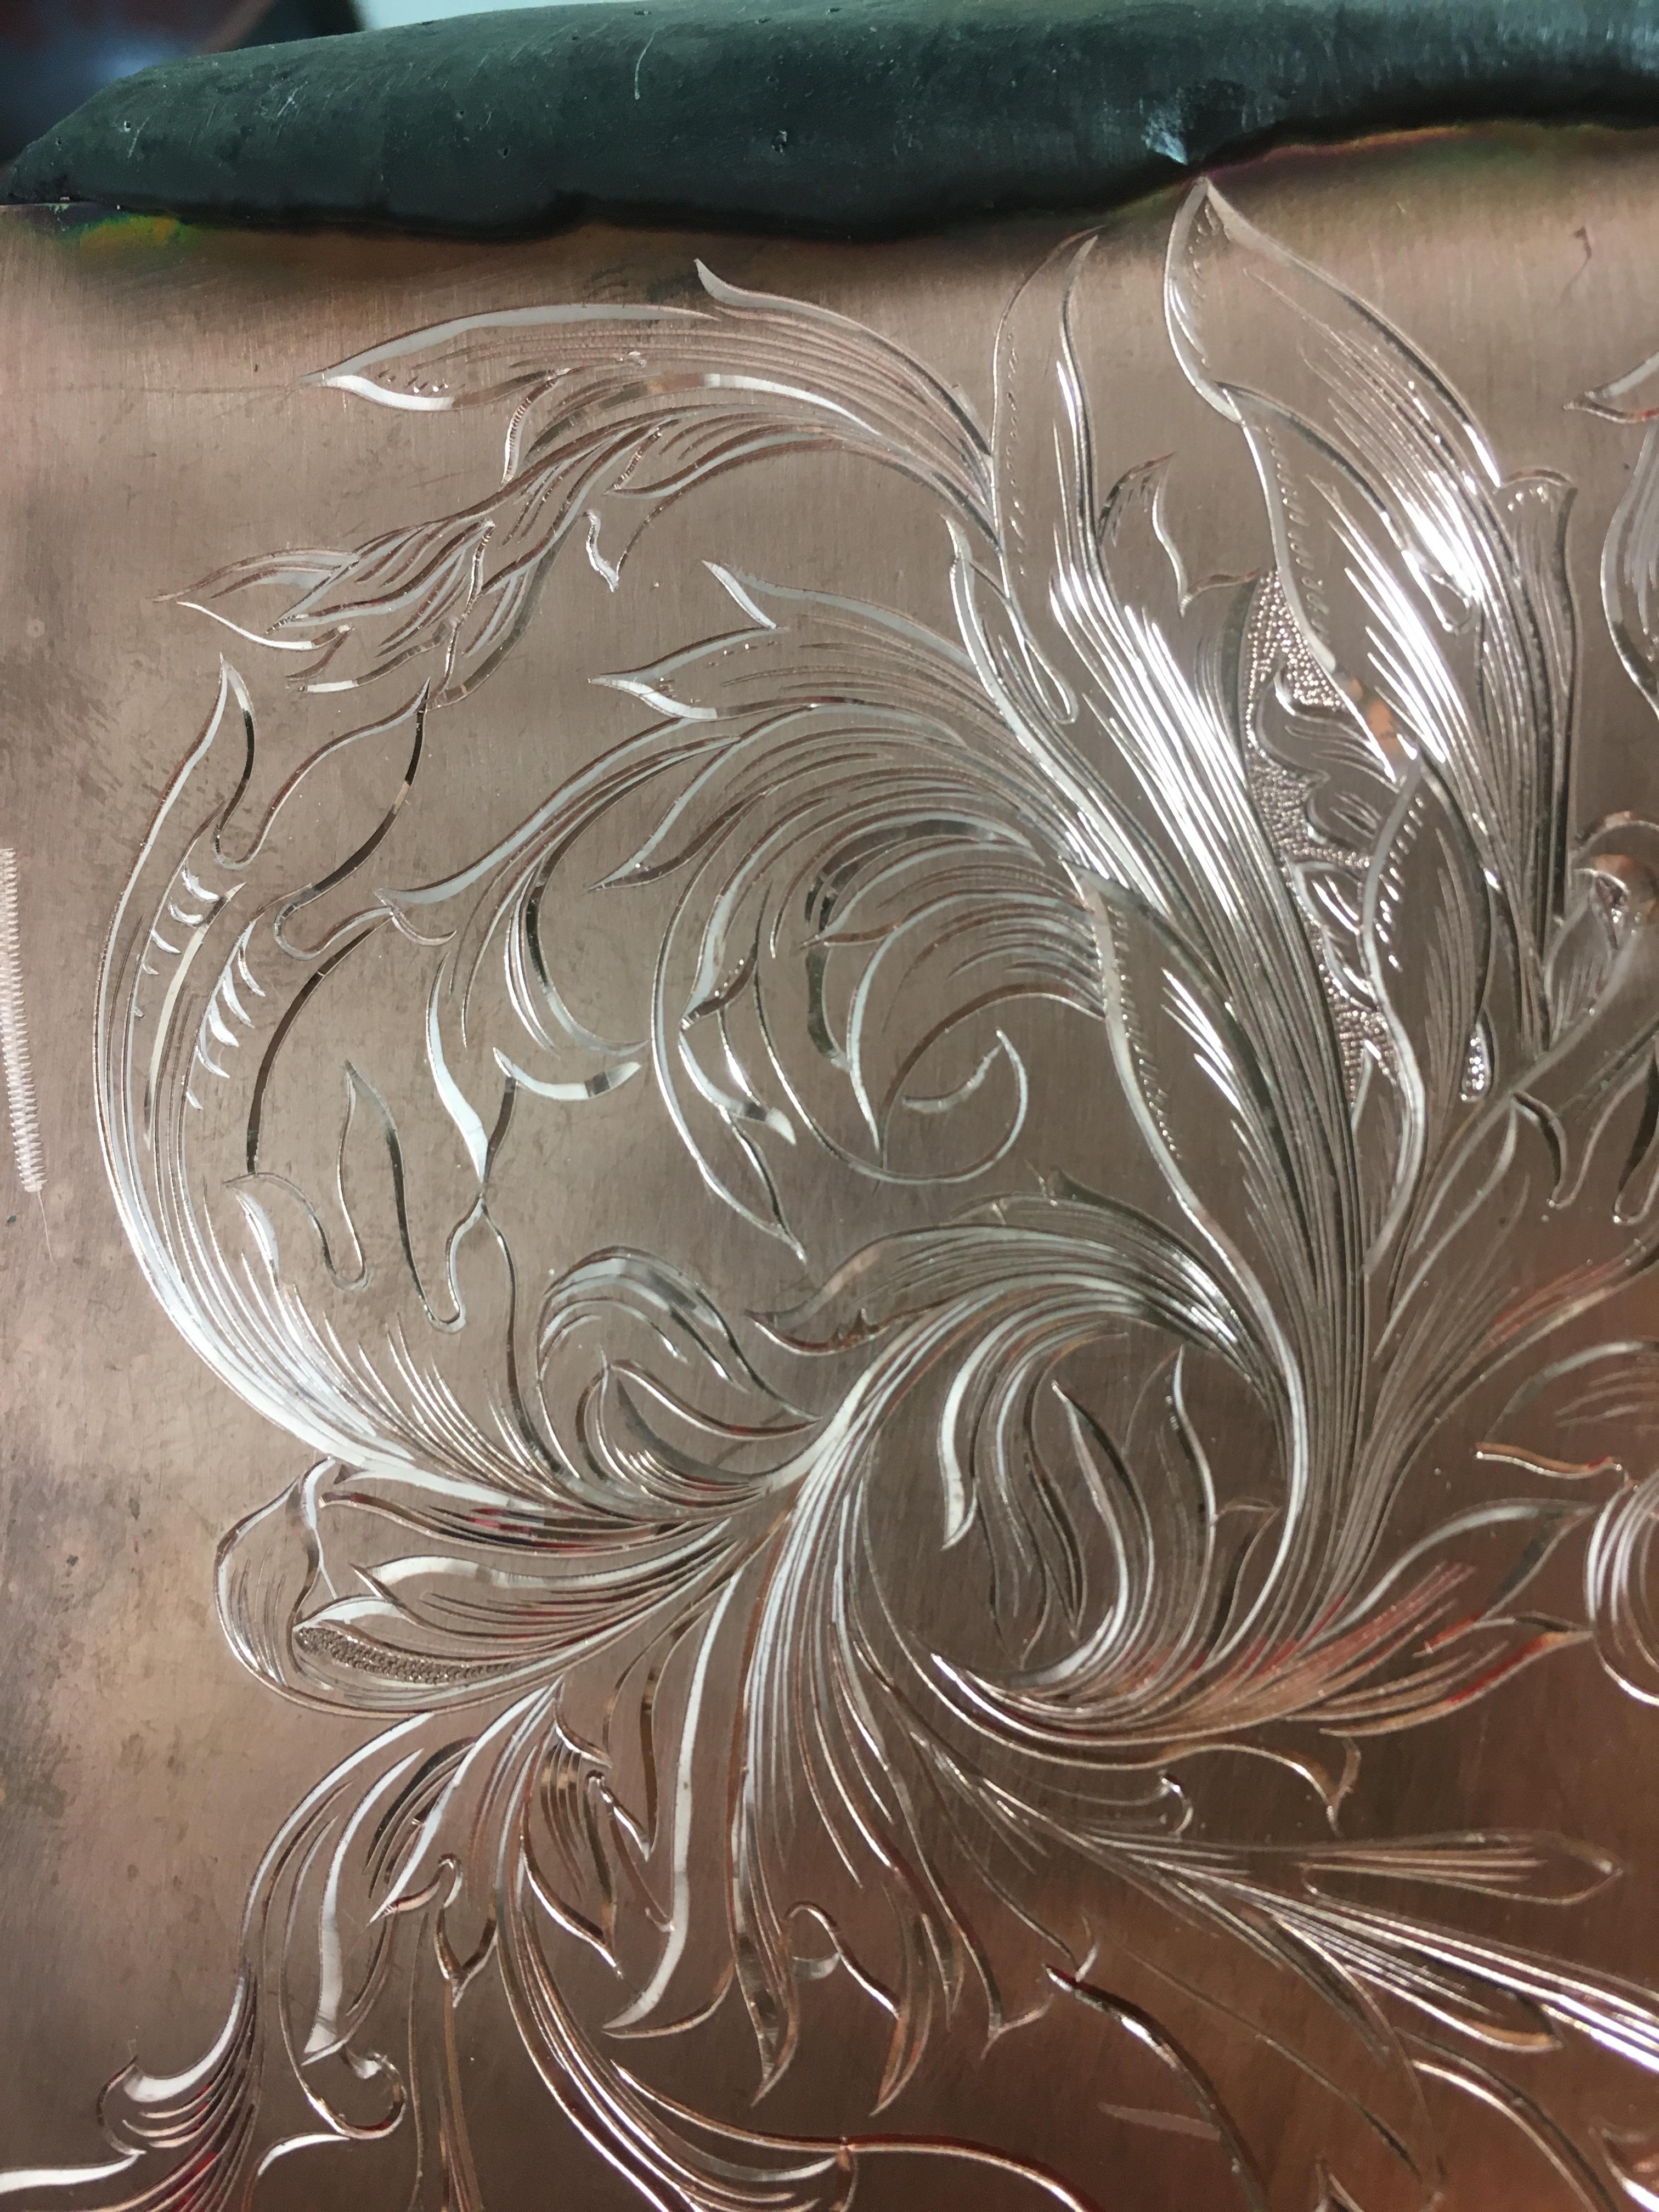 IMULTA彫金師の片切りタガネ彫り方練習その6~115